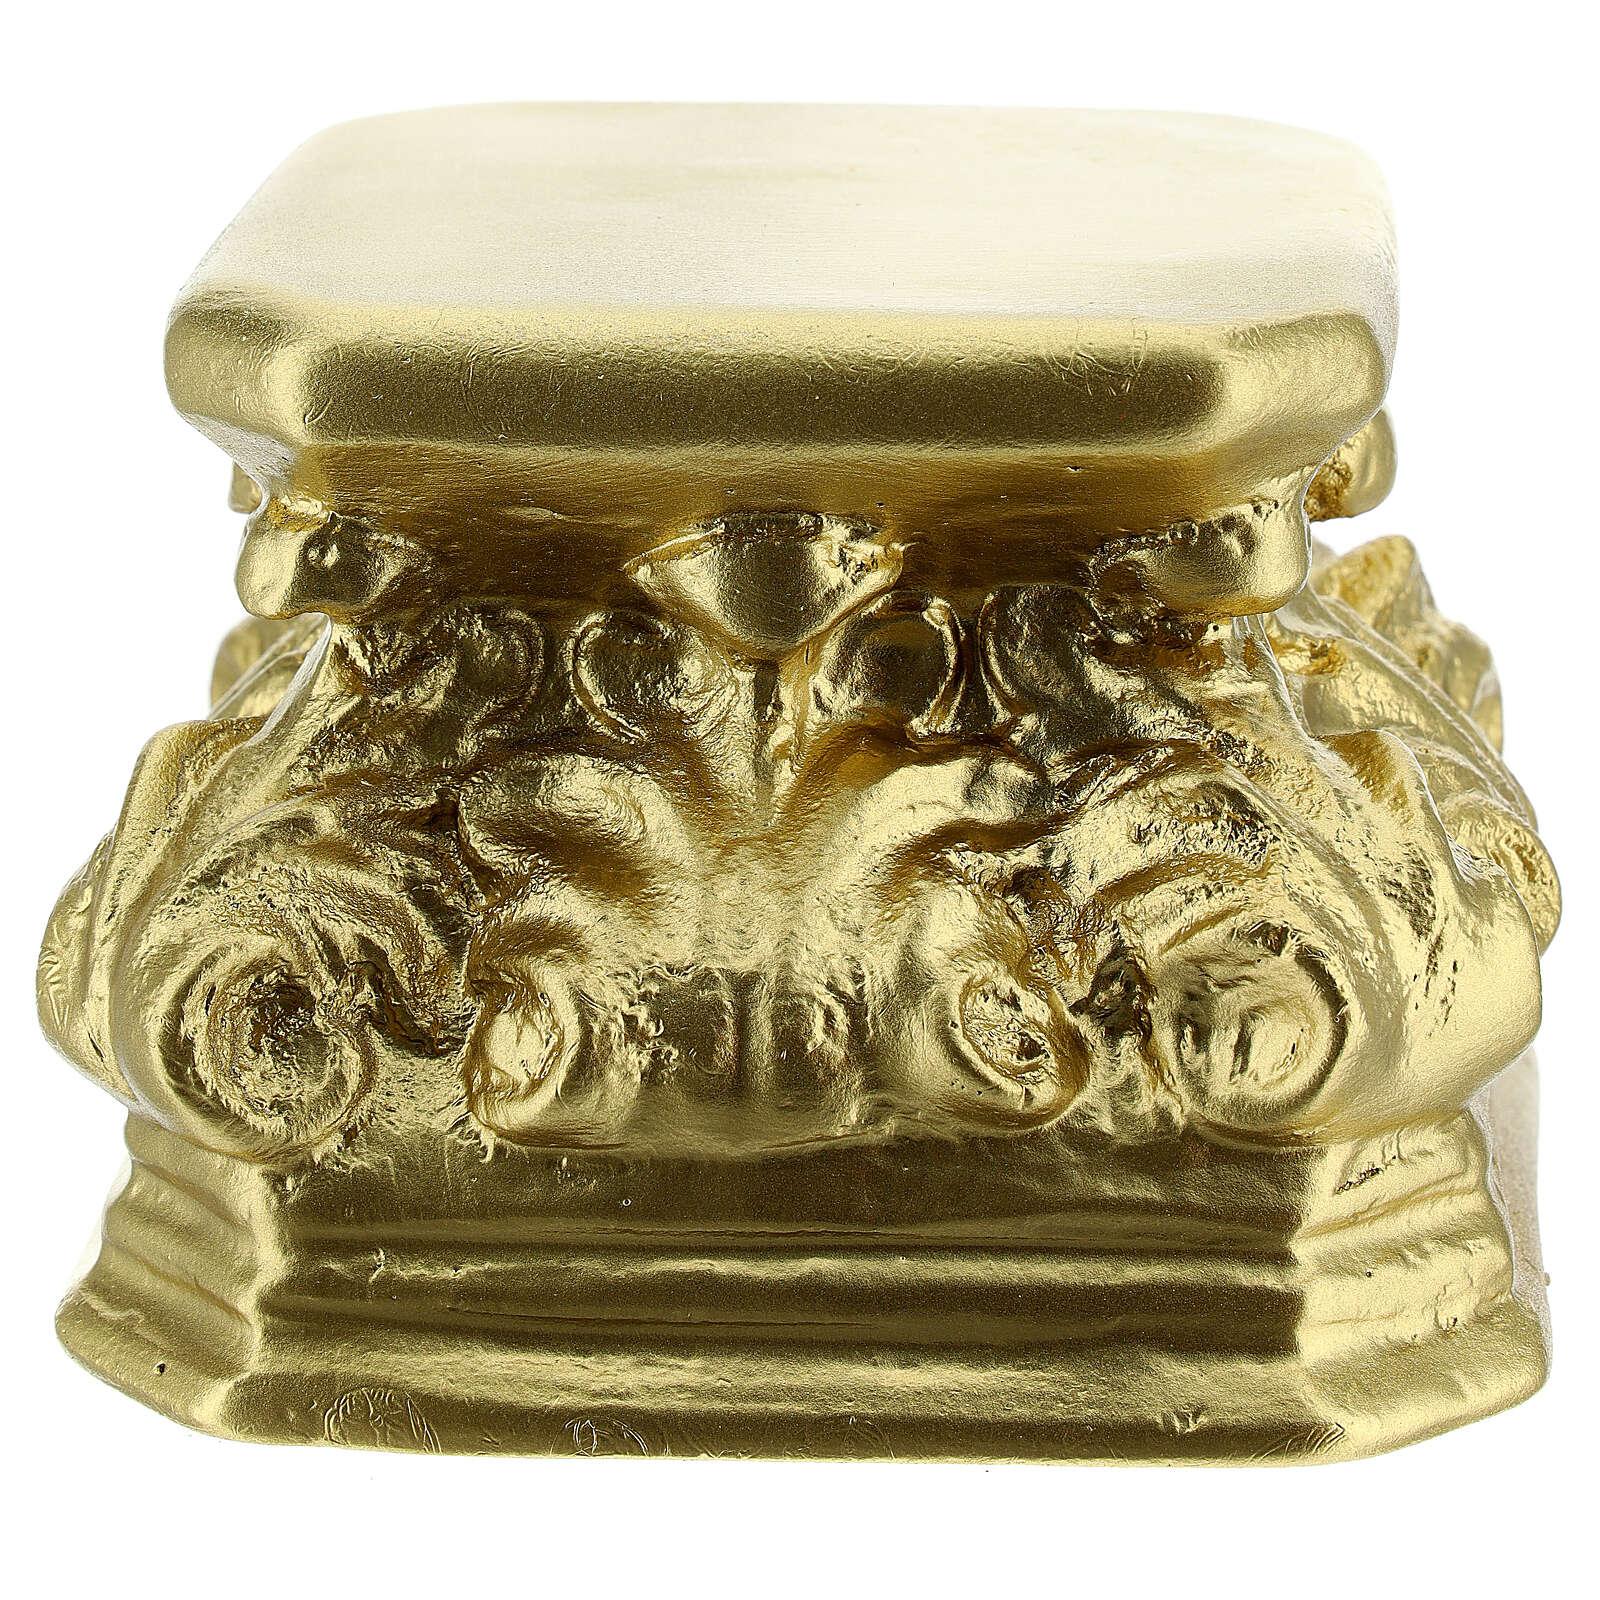 Base for statues golden plaster 4x4x3 1/2 in Arte Barsanti 4